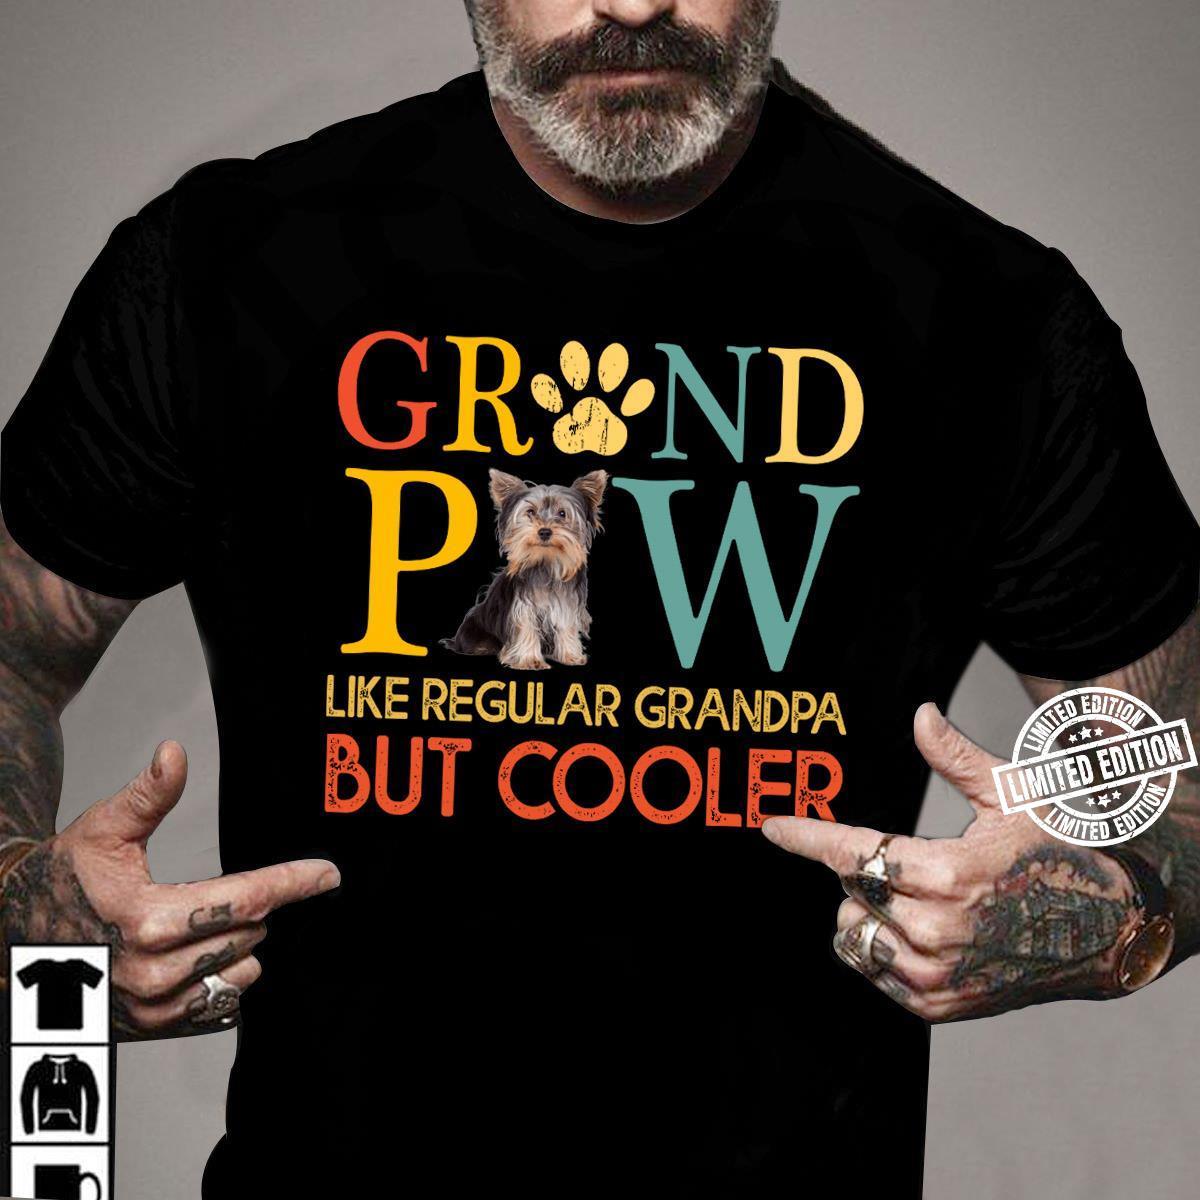 Grandpaw like regular grandpa but cooler shirt